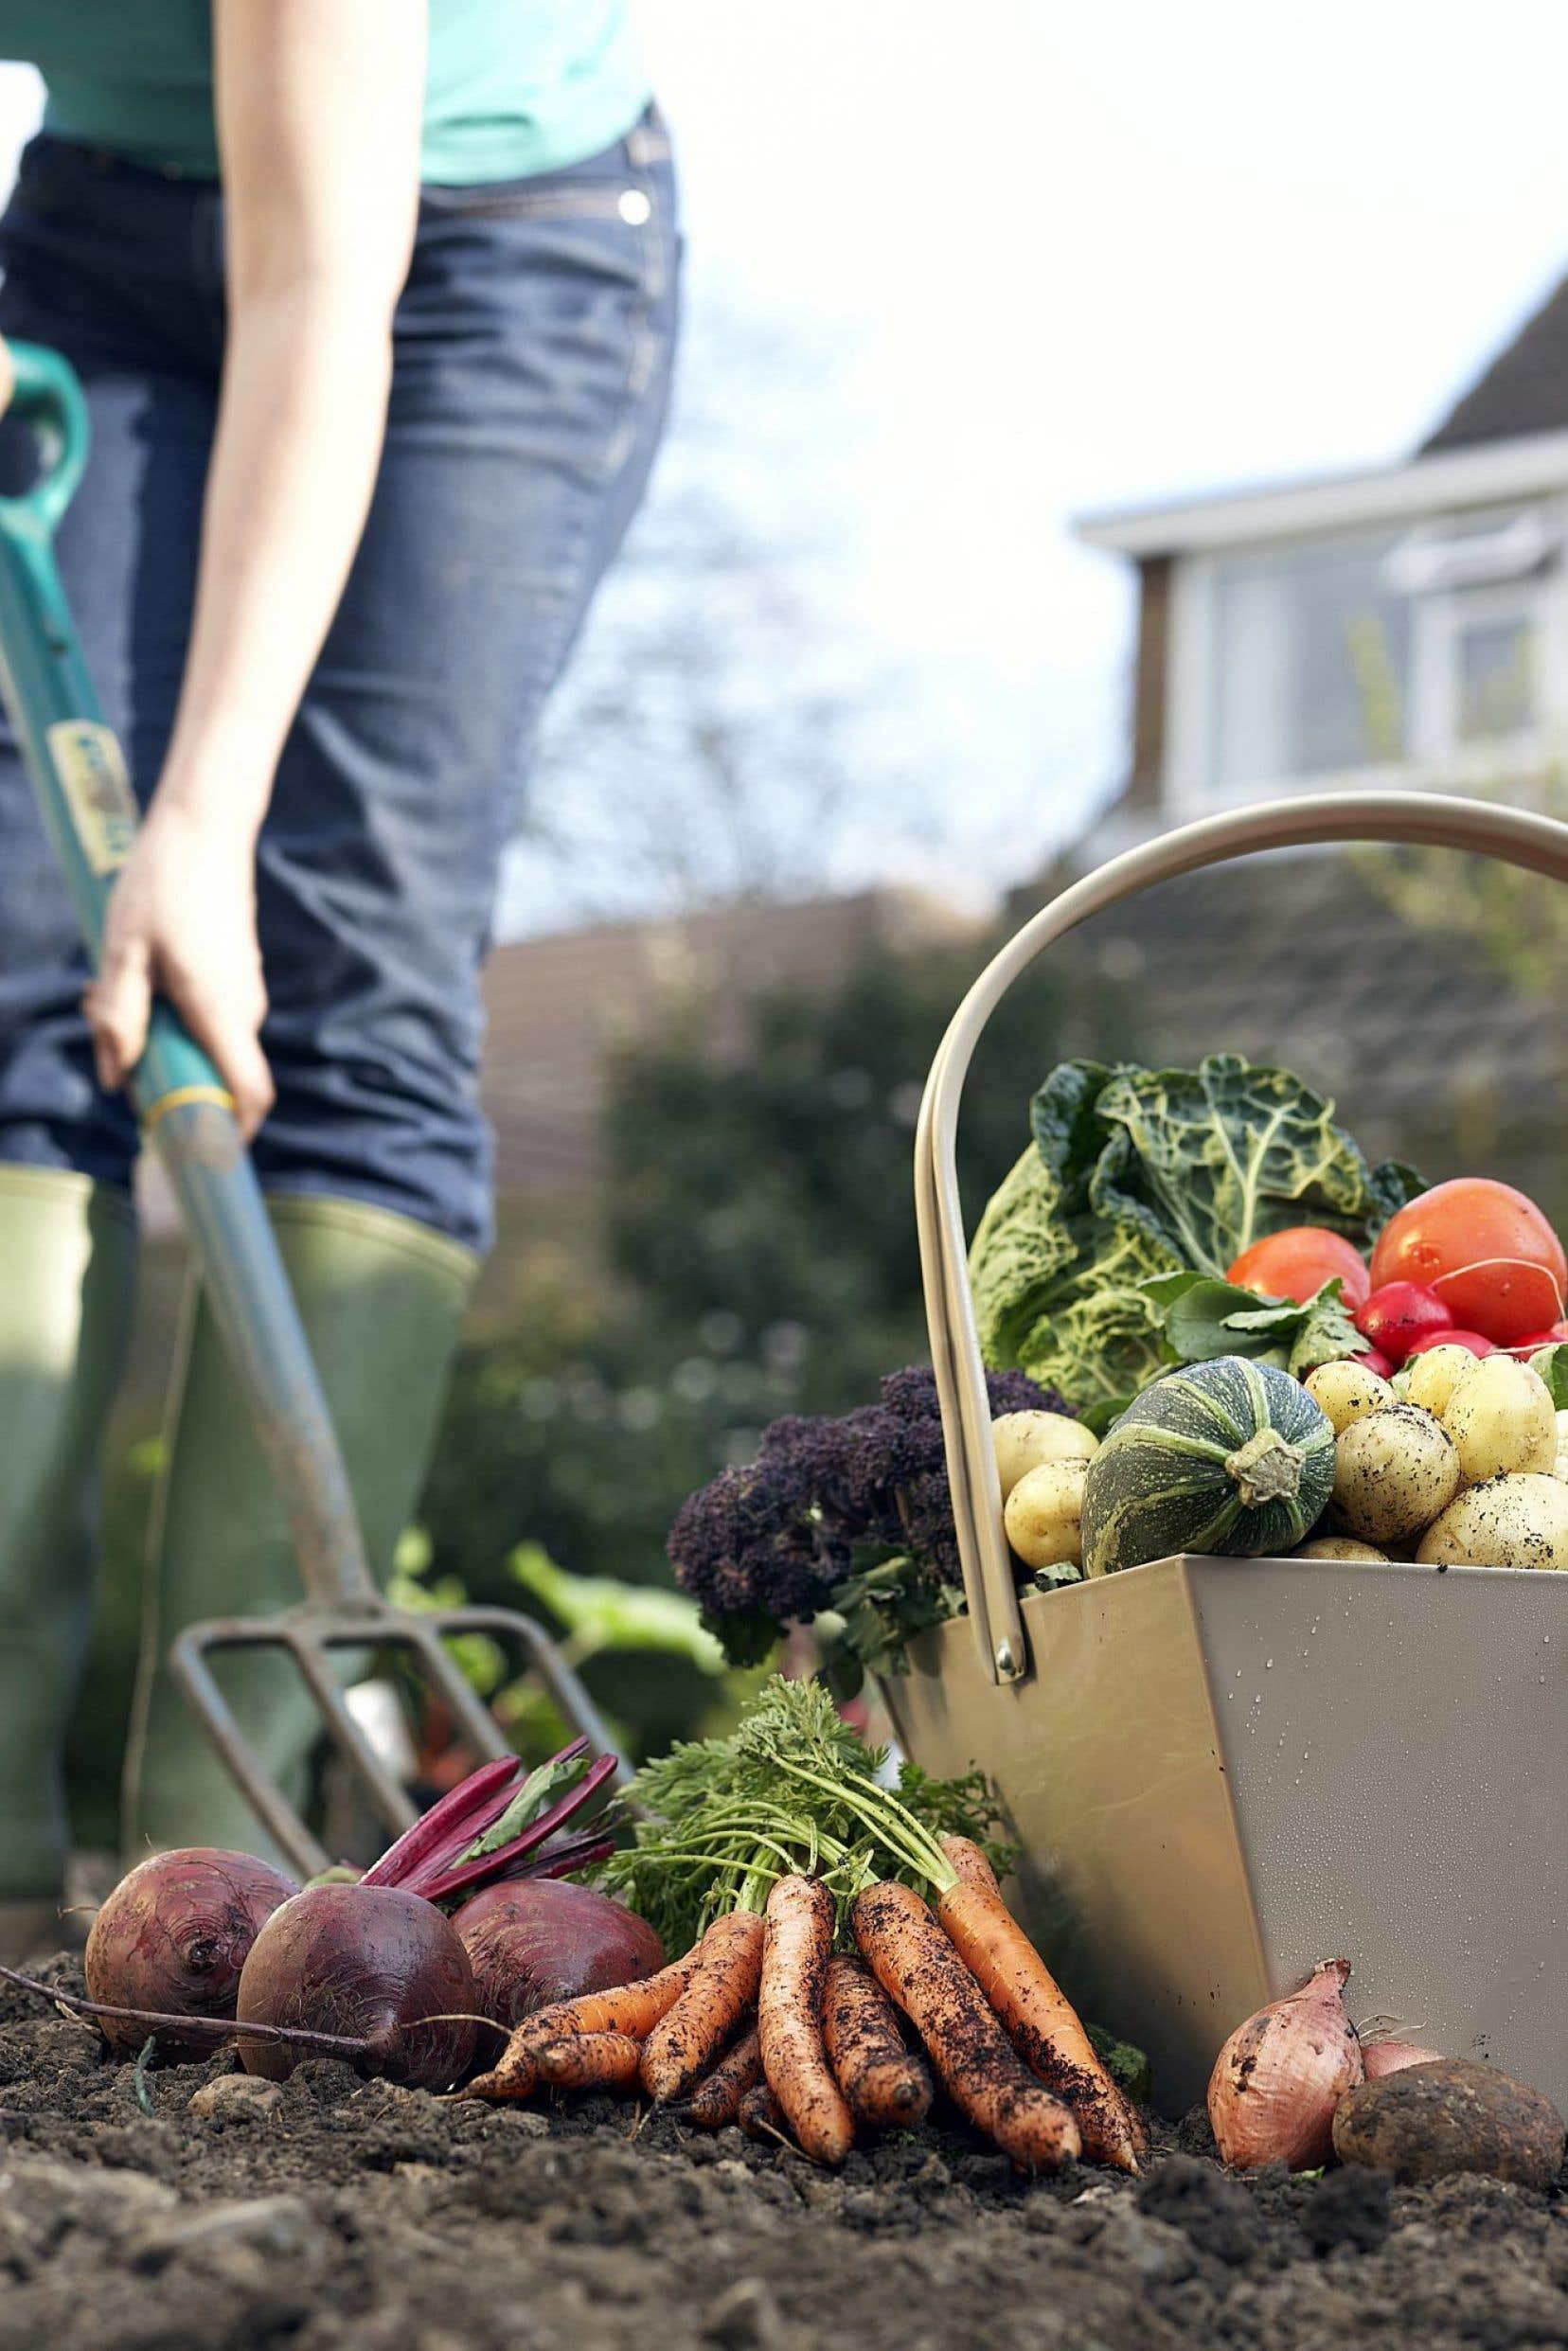 Les aliments biologiques ne sont pas forcément une garantie de meilleur goût.